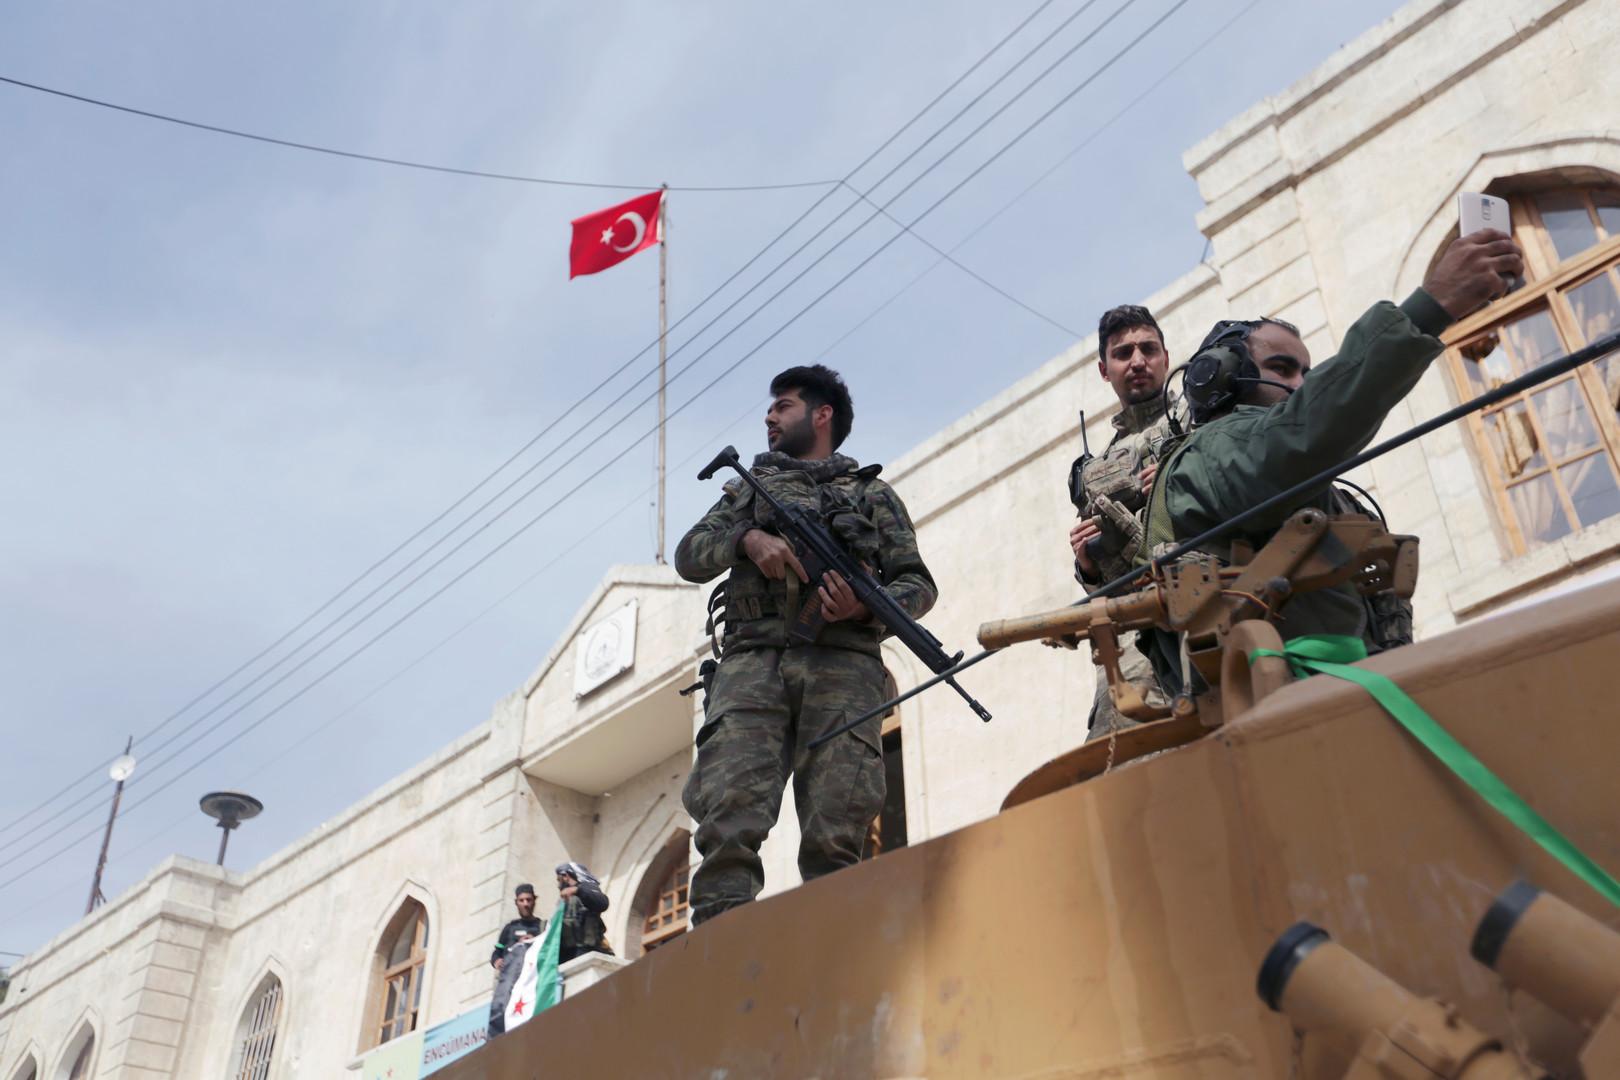 عناصر من القوات التركية والجيش السوري الحر المدعوم تركيا في عفرين السورية (أرشيف)